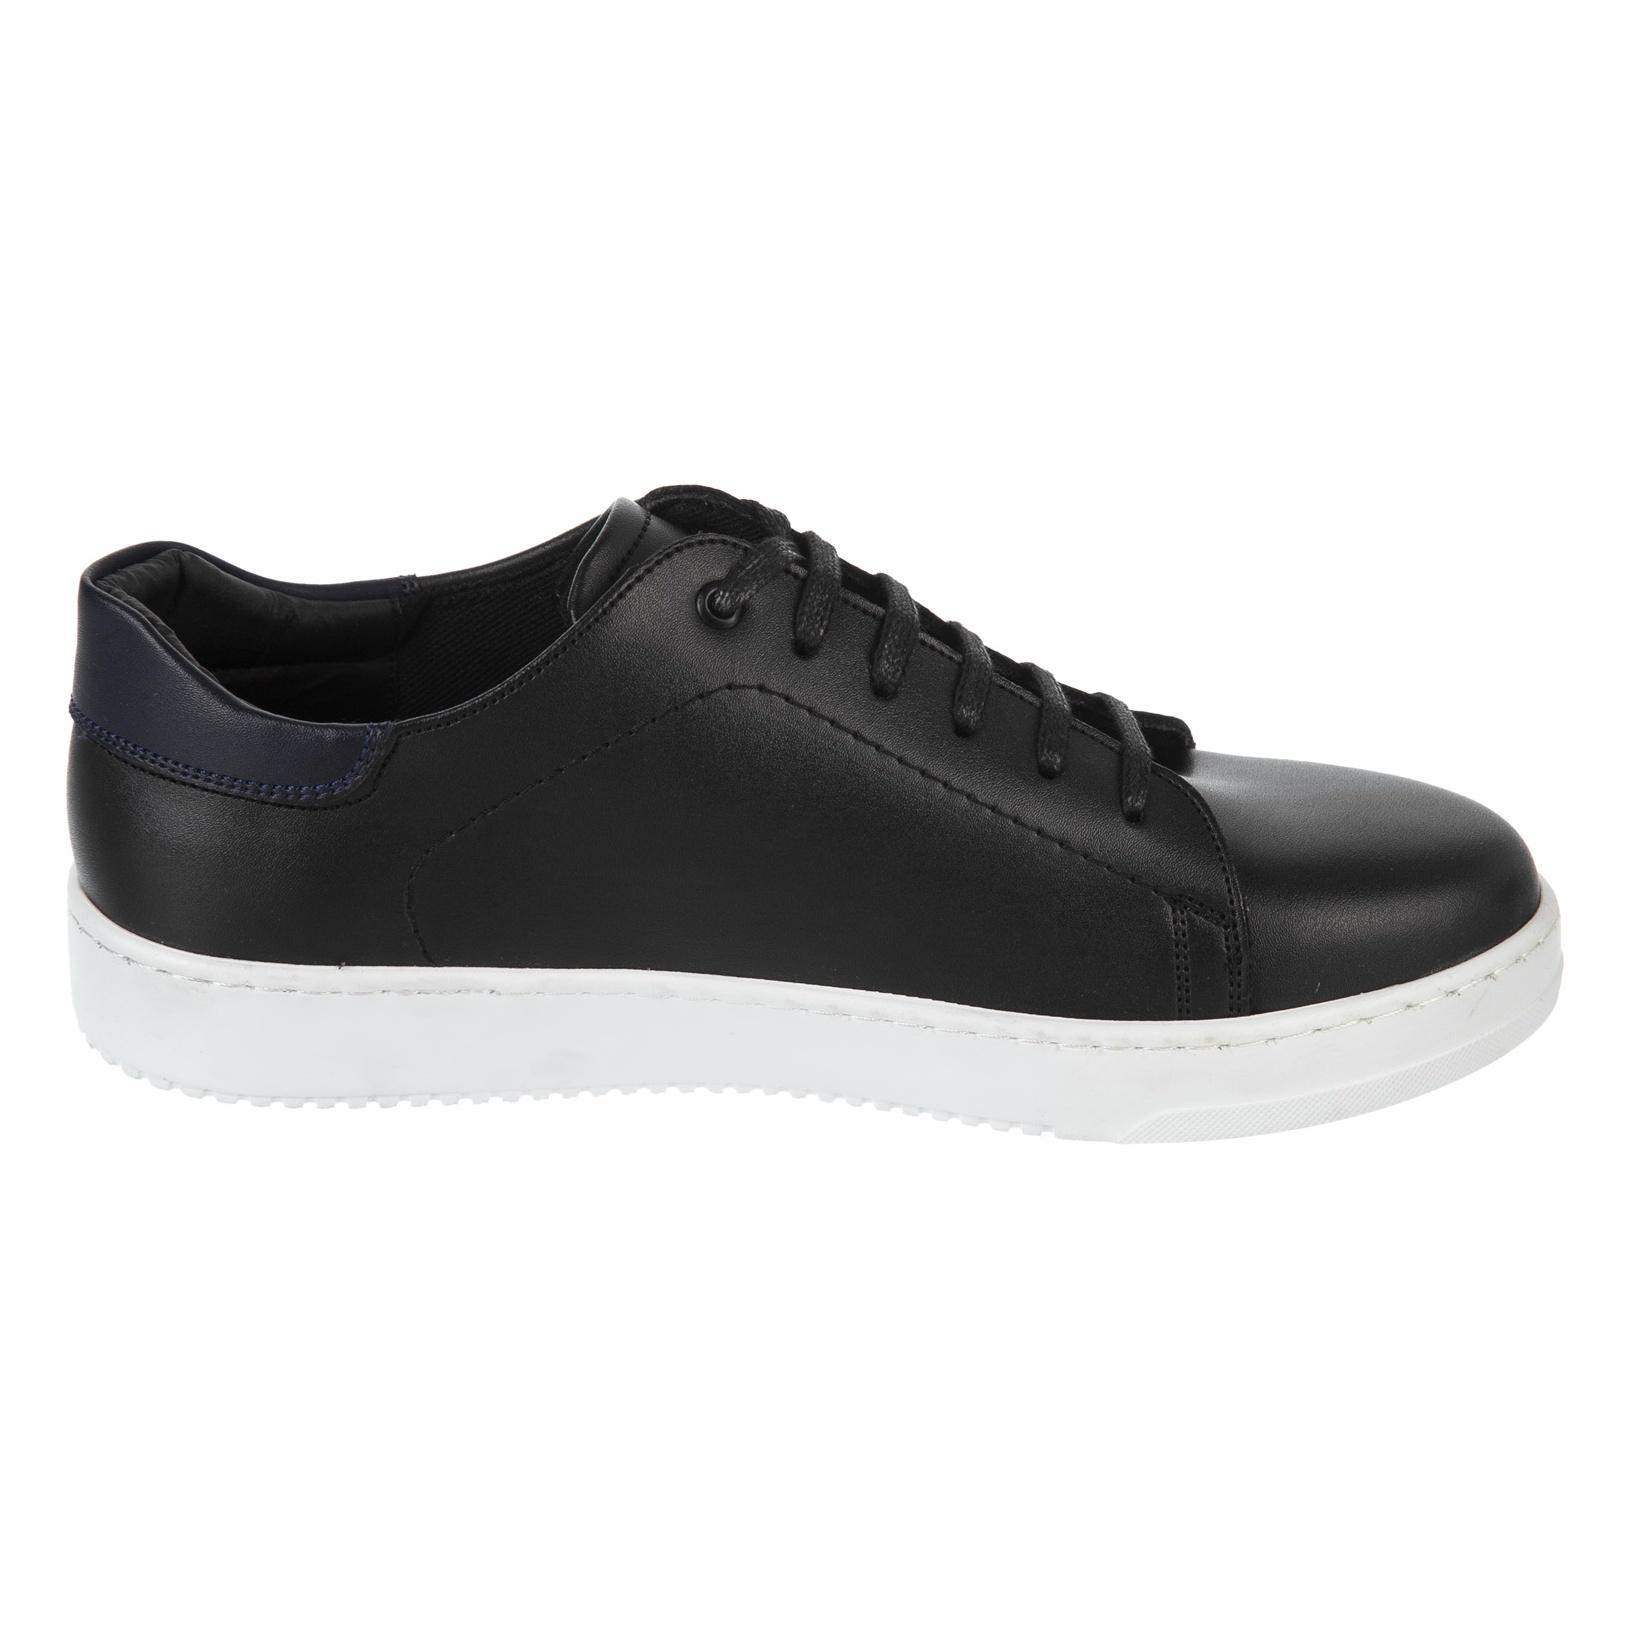 کفش روزمره مردانه ام تو مدل 301-0004